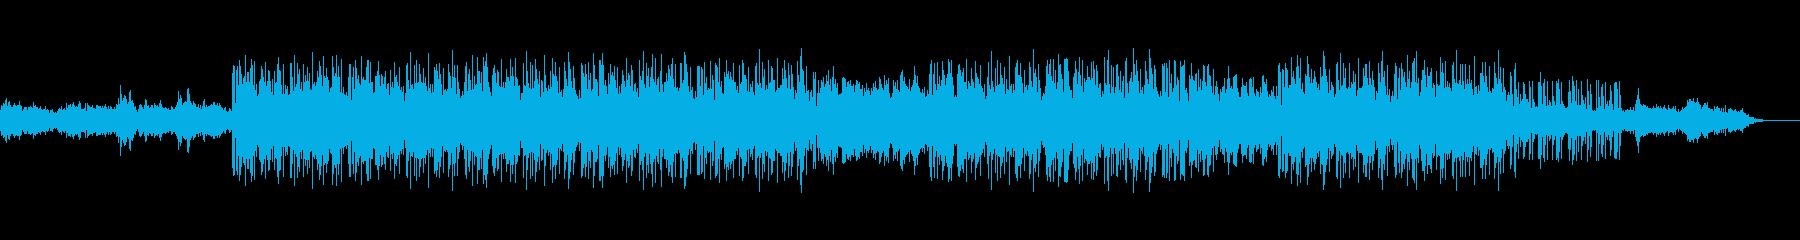 都会的なサウンド、東京、夜、高速道路の再生済みの波形